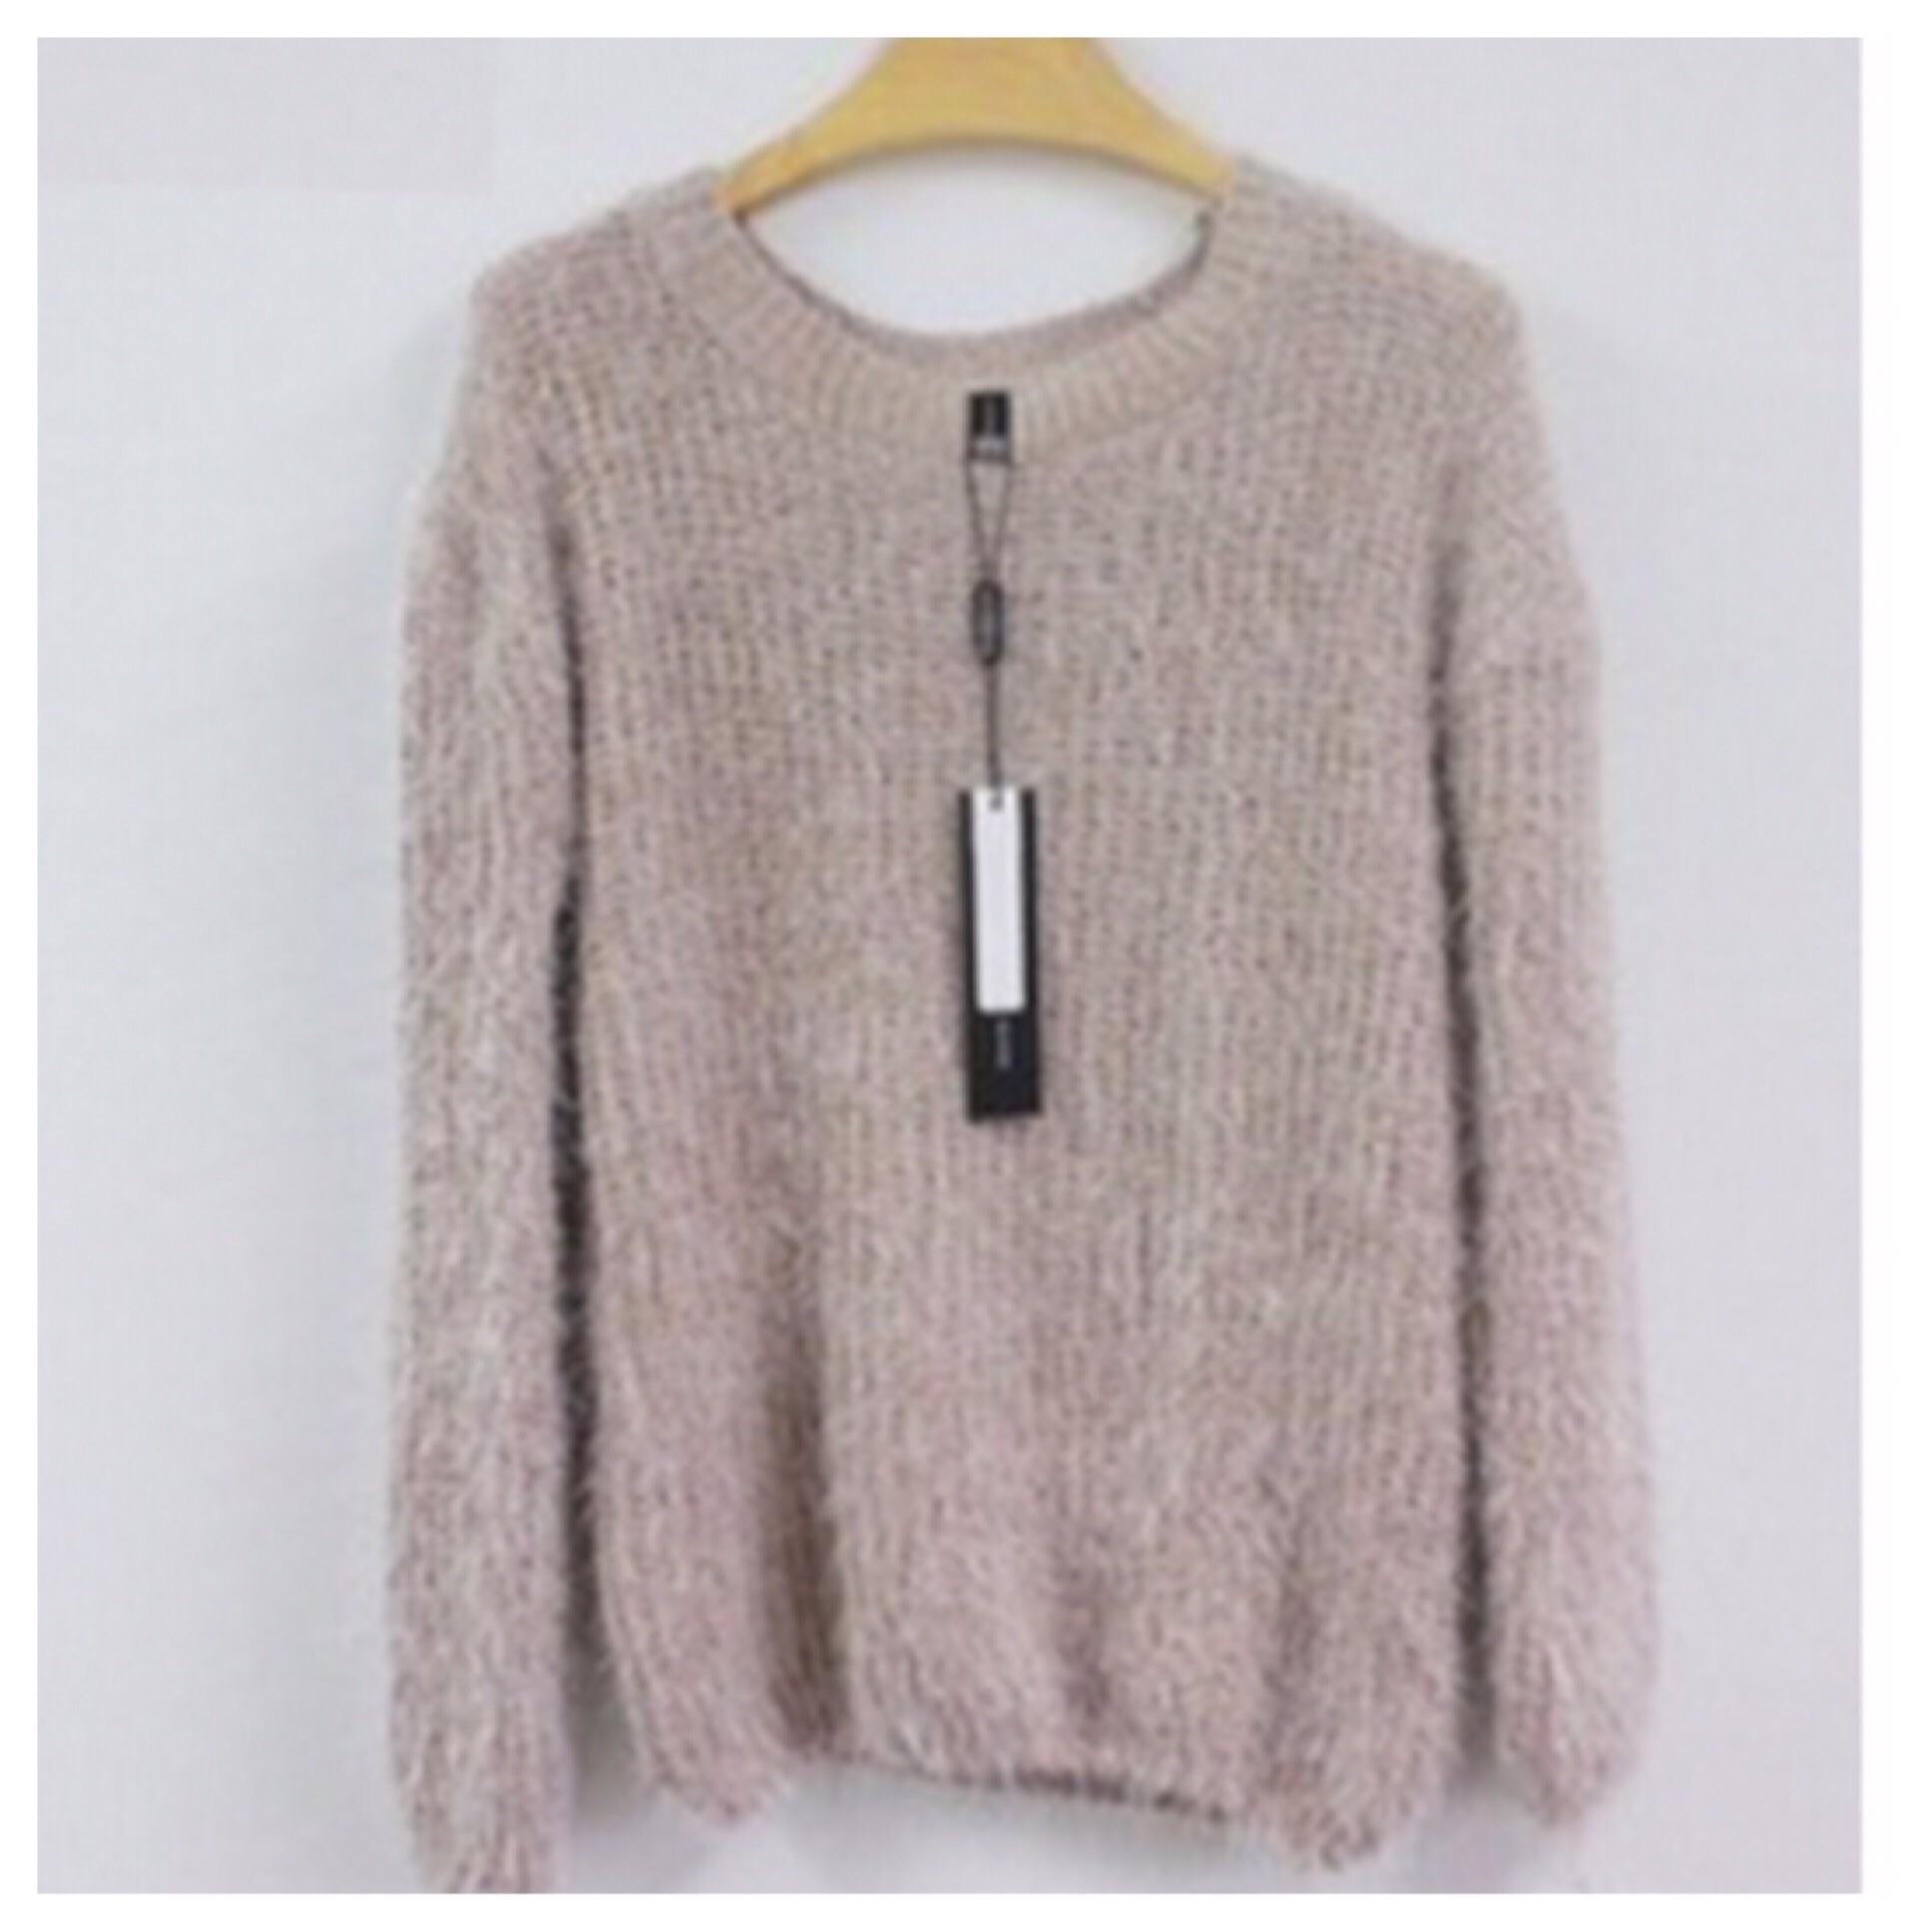 Как сделать свитер мягким что сделать чтобы шерстяные вещи не 74